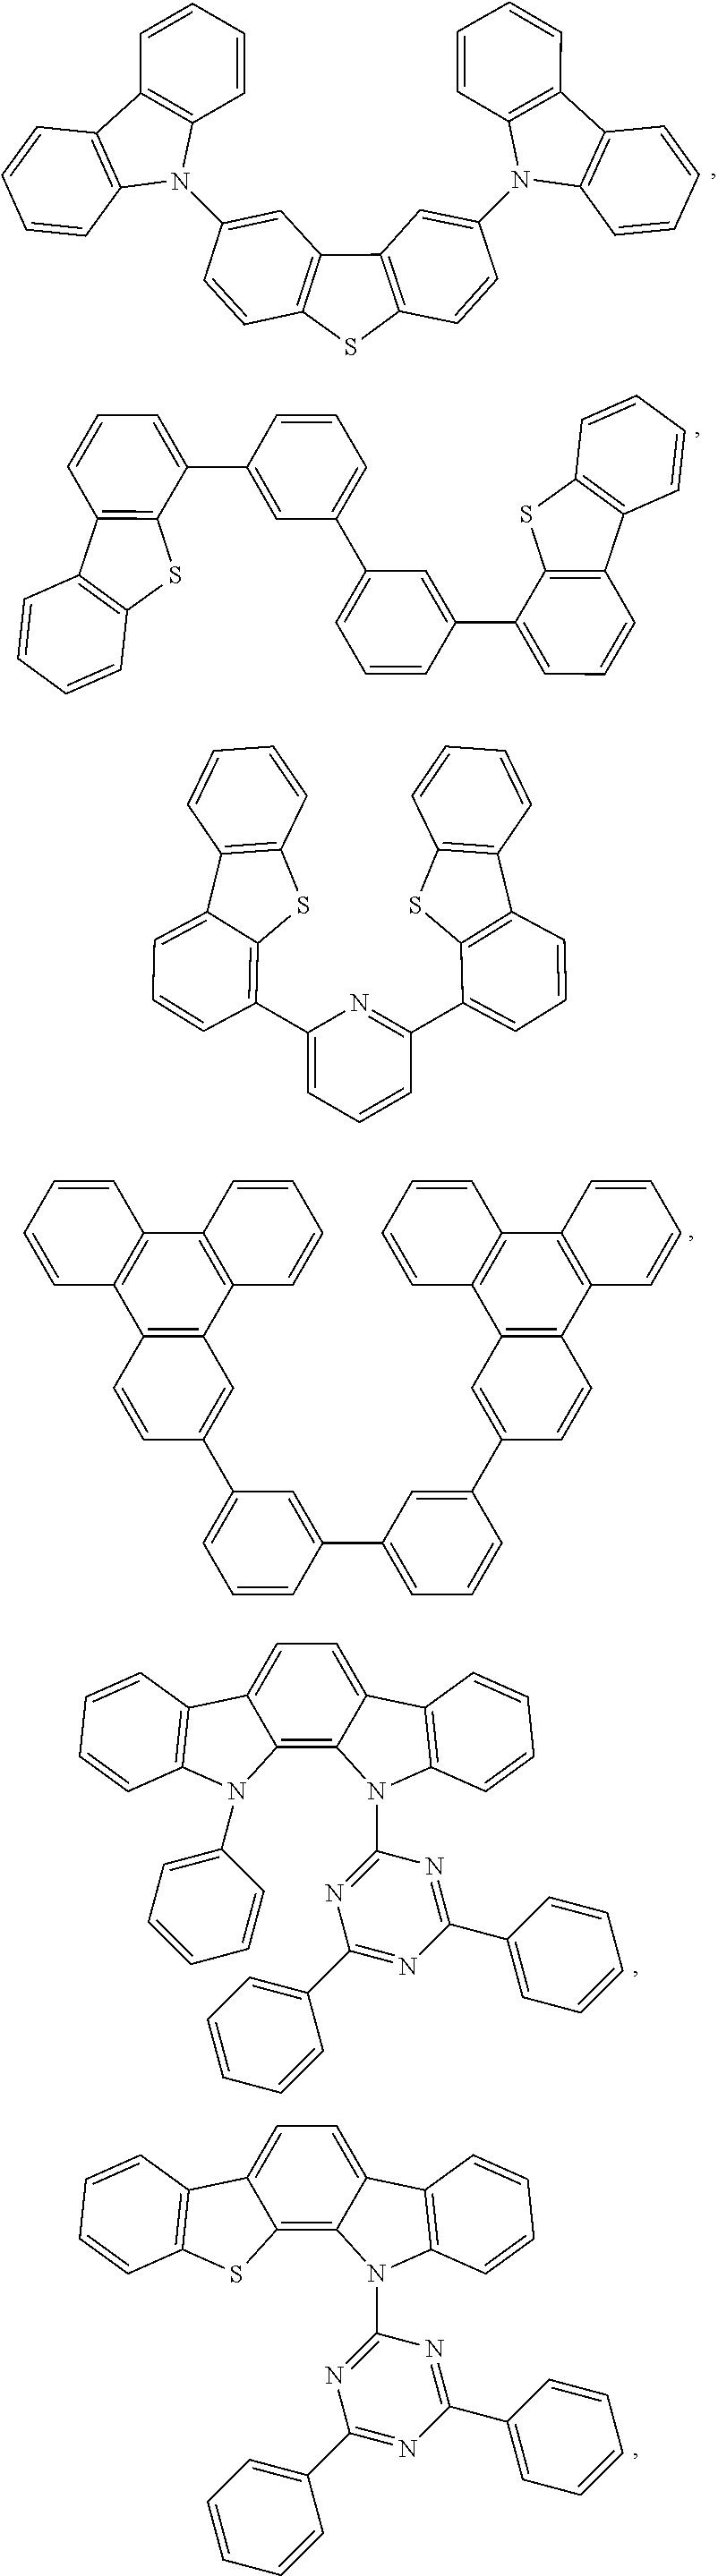 Figure US09193745-20151124-C00026